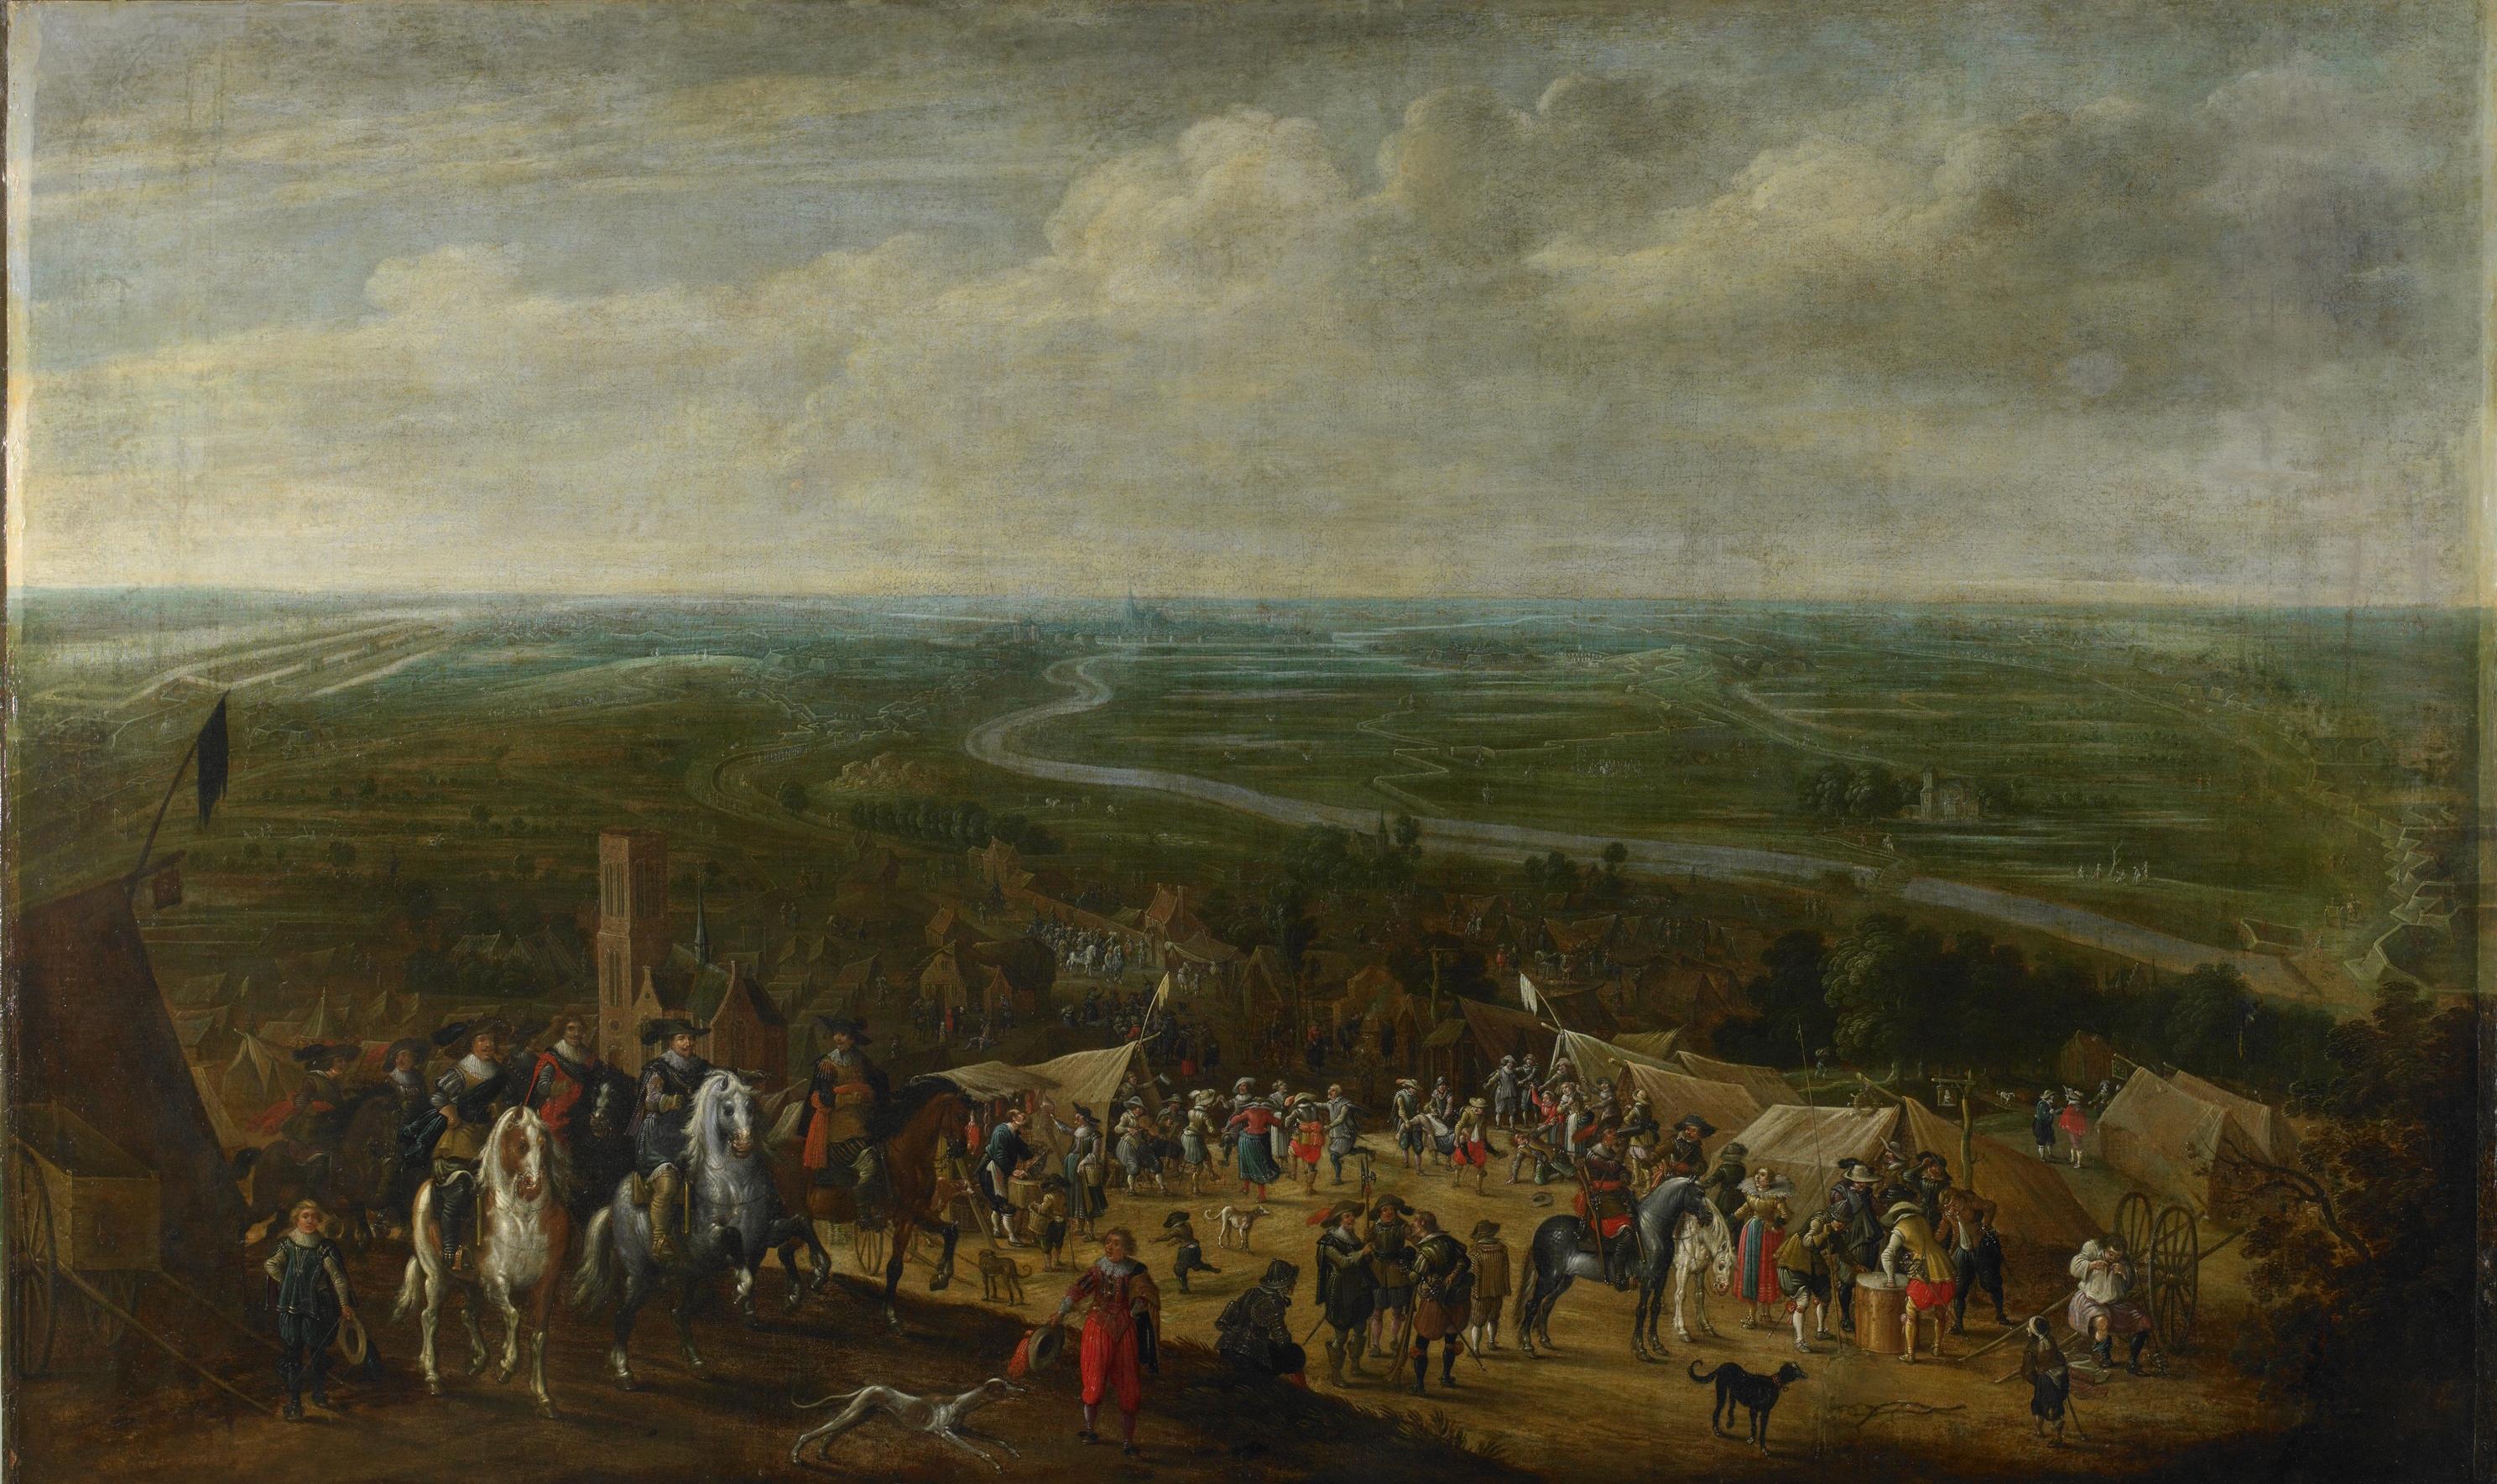 File:Prins Frederik Hendrik bij de belegering van 's-Hertogenbosch, 1629 (